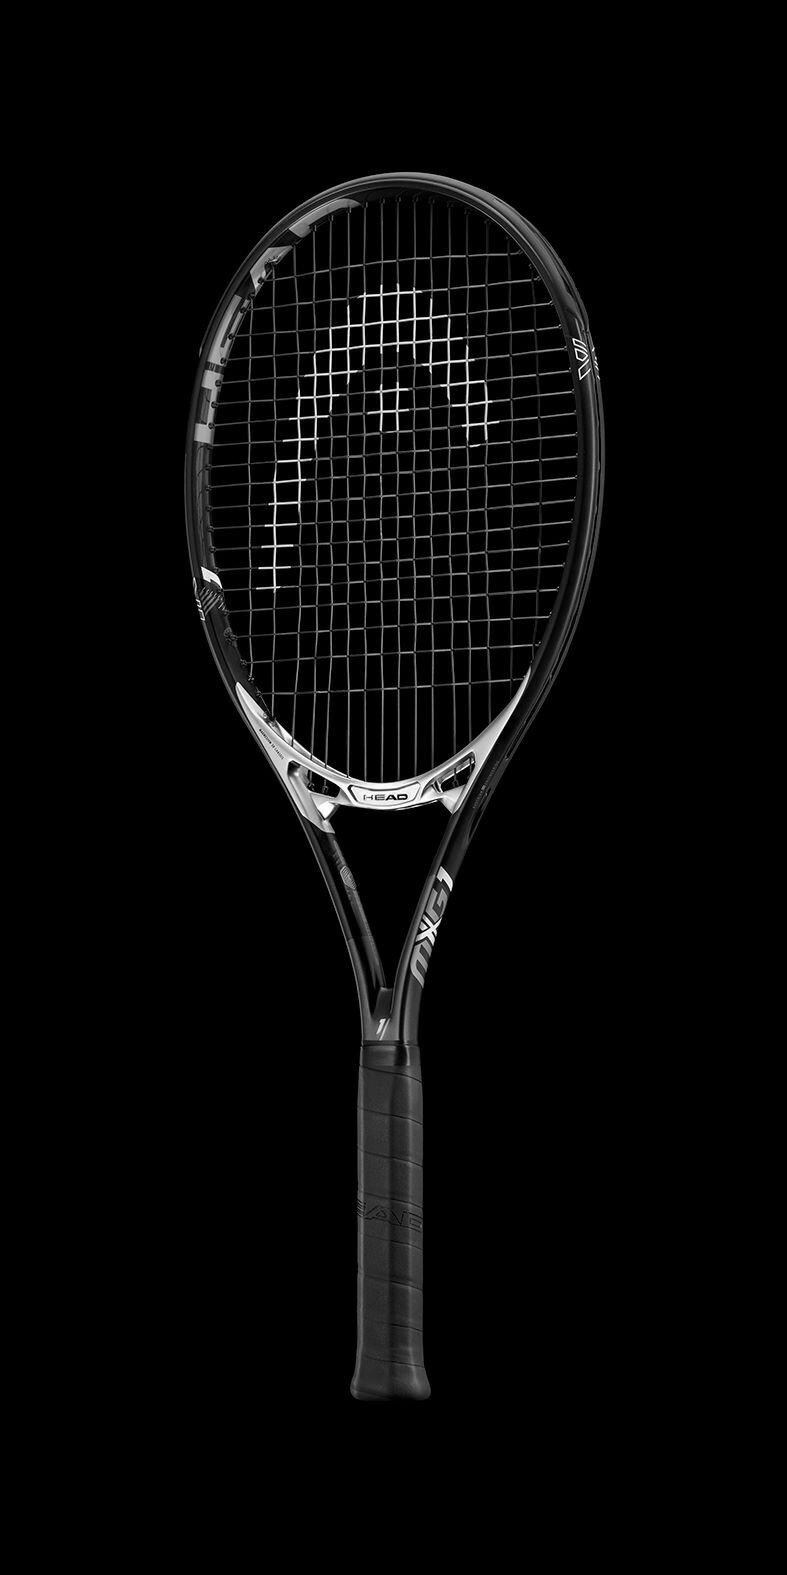 2018 Head MXG 1 專業網球拍